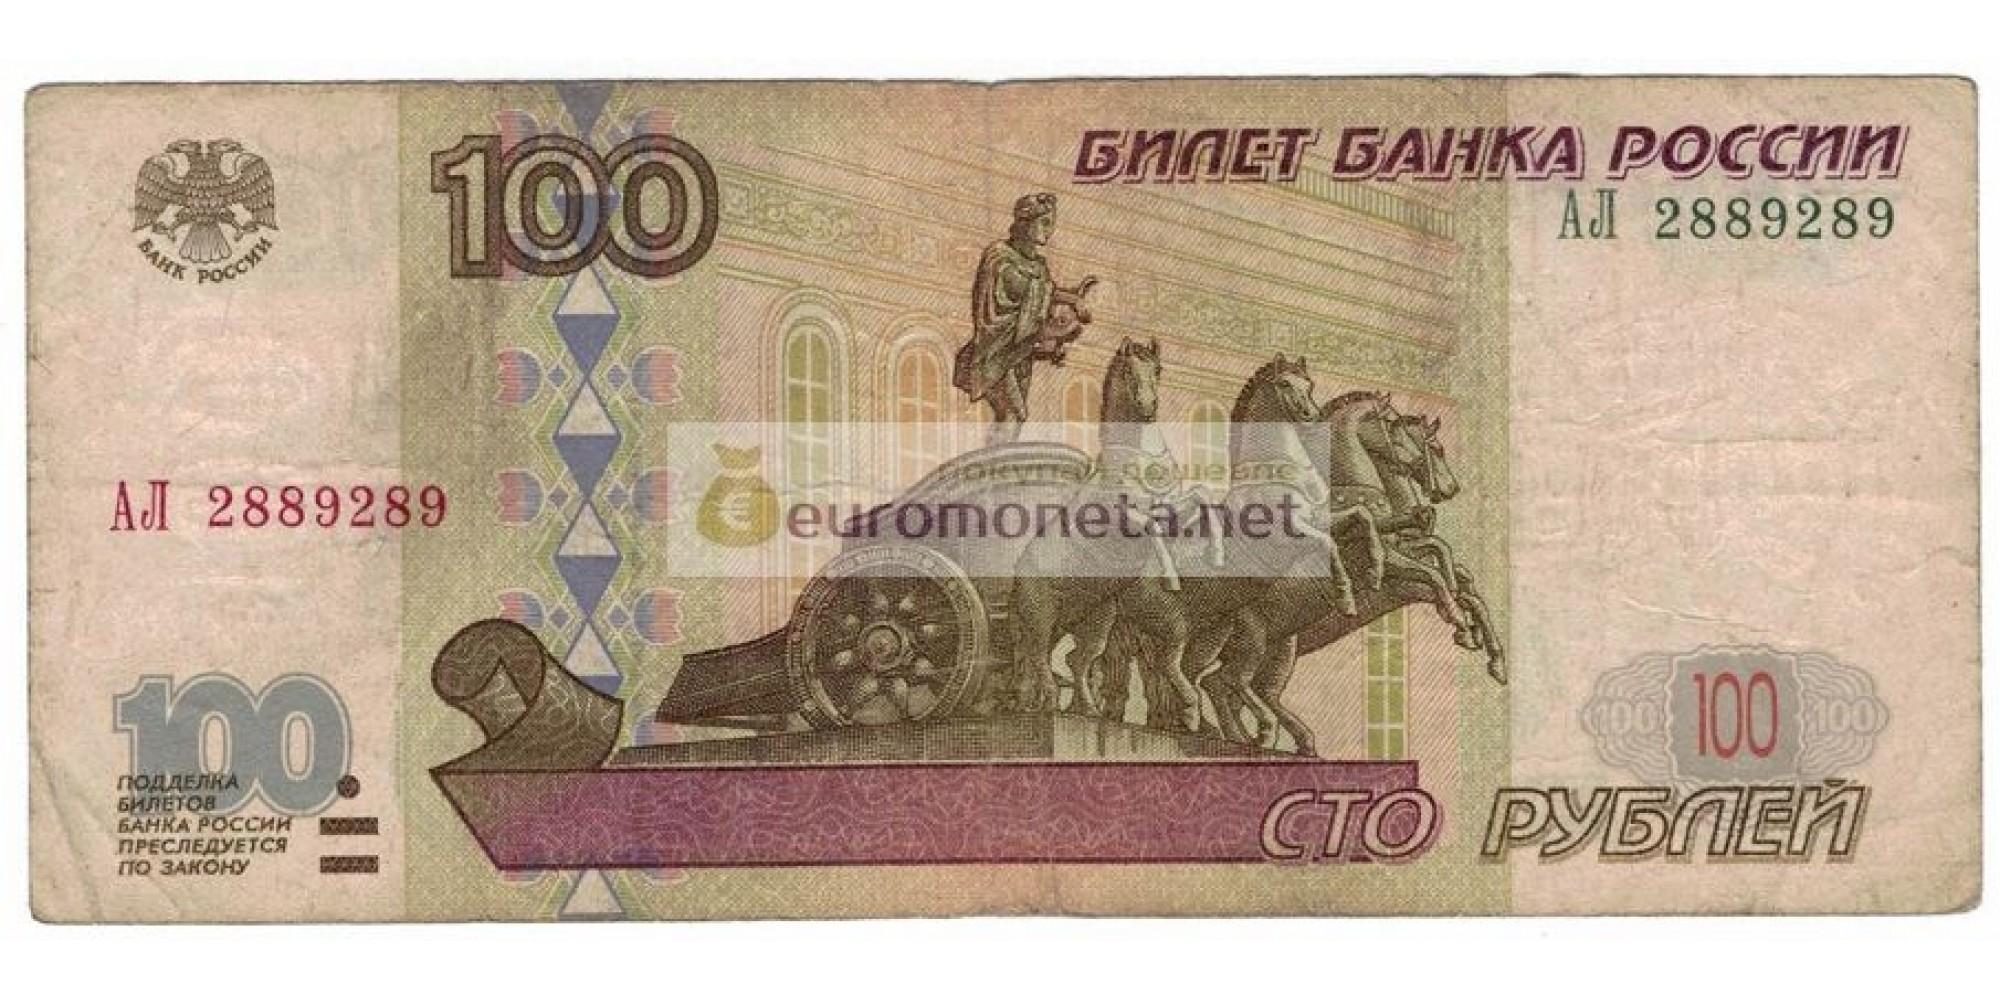 Россия 100 рублей 1997 год модификация 2001 год редкая серия АЛ 2889289